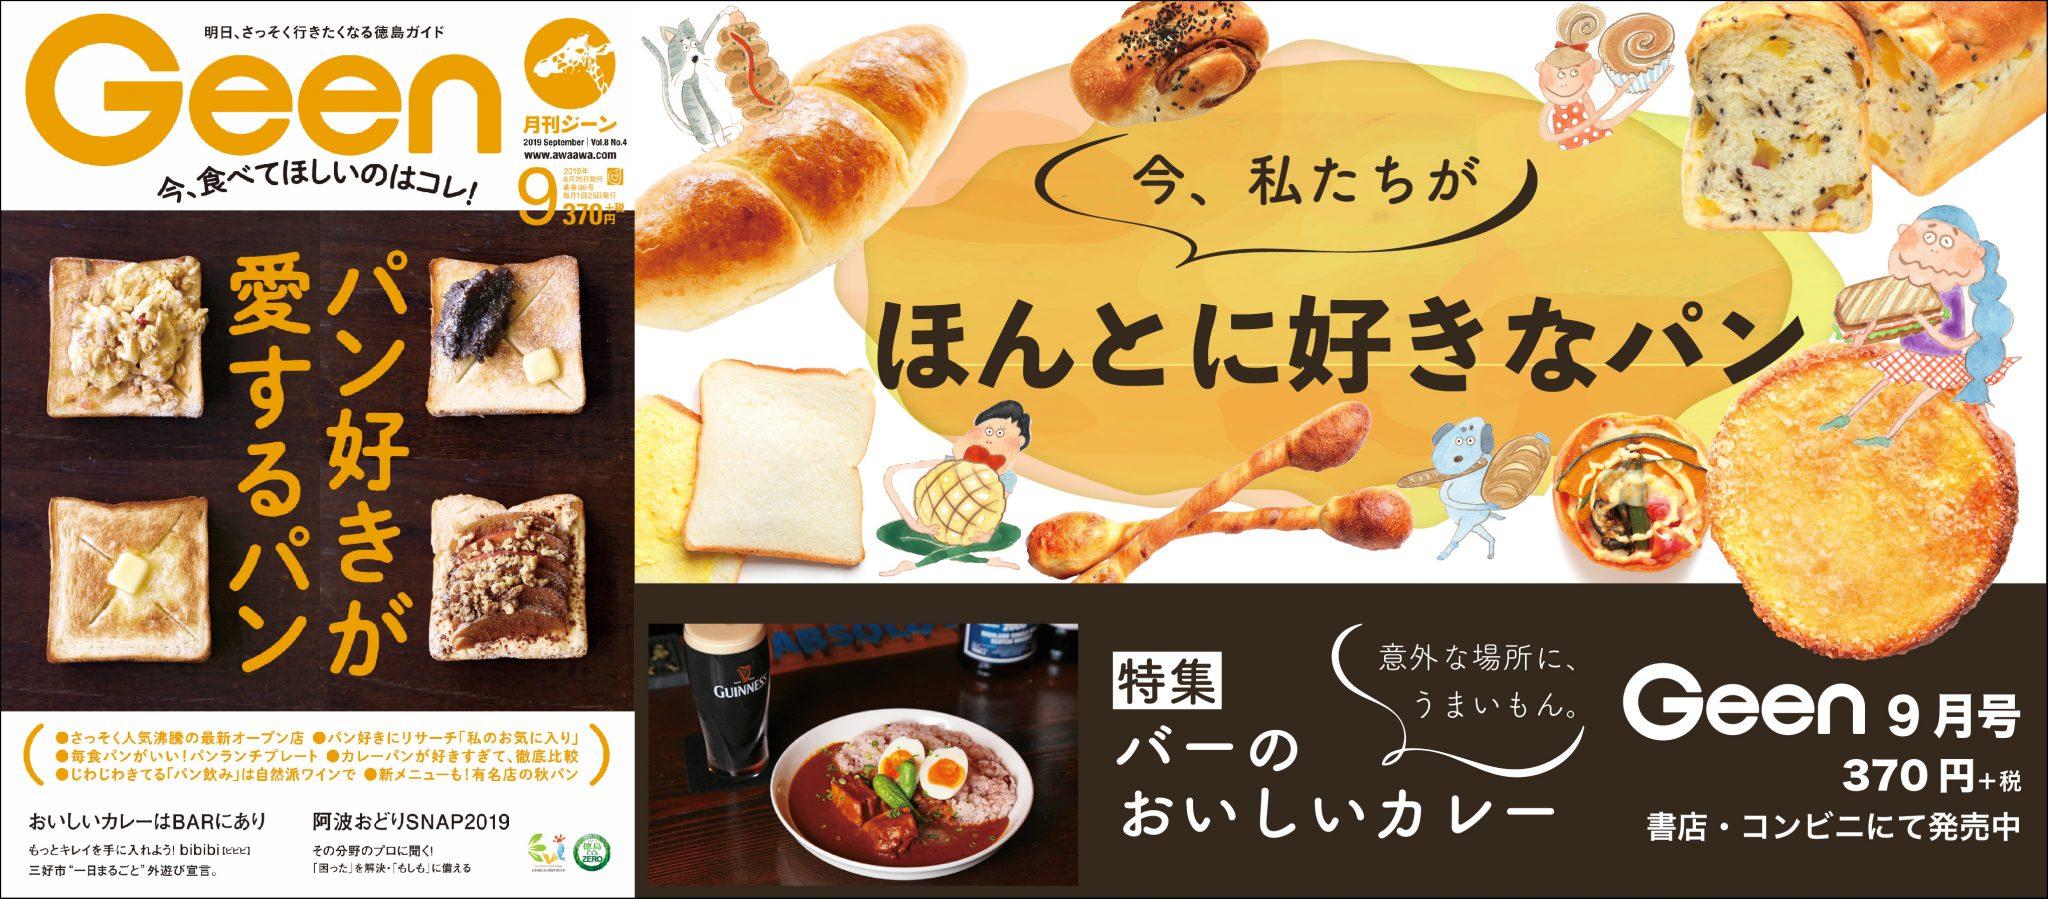 Geen2019年9月号  8/24発売! 特集は「パン好きが愛するパン」